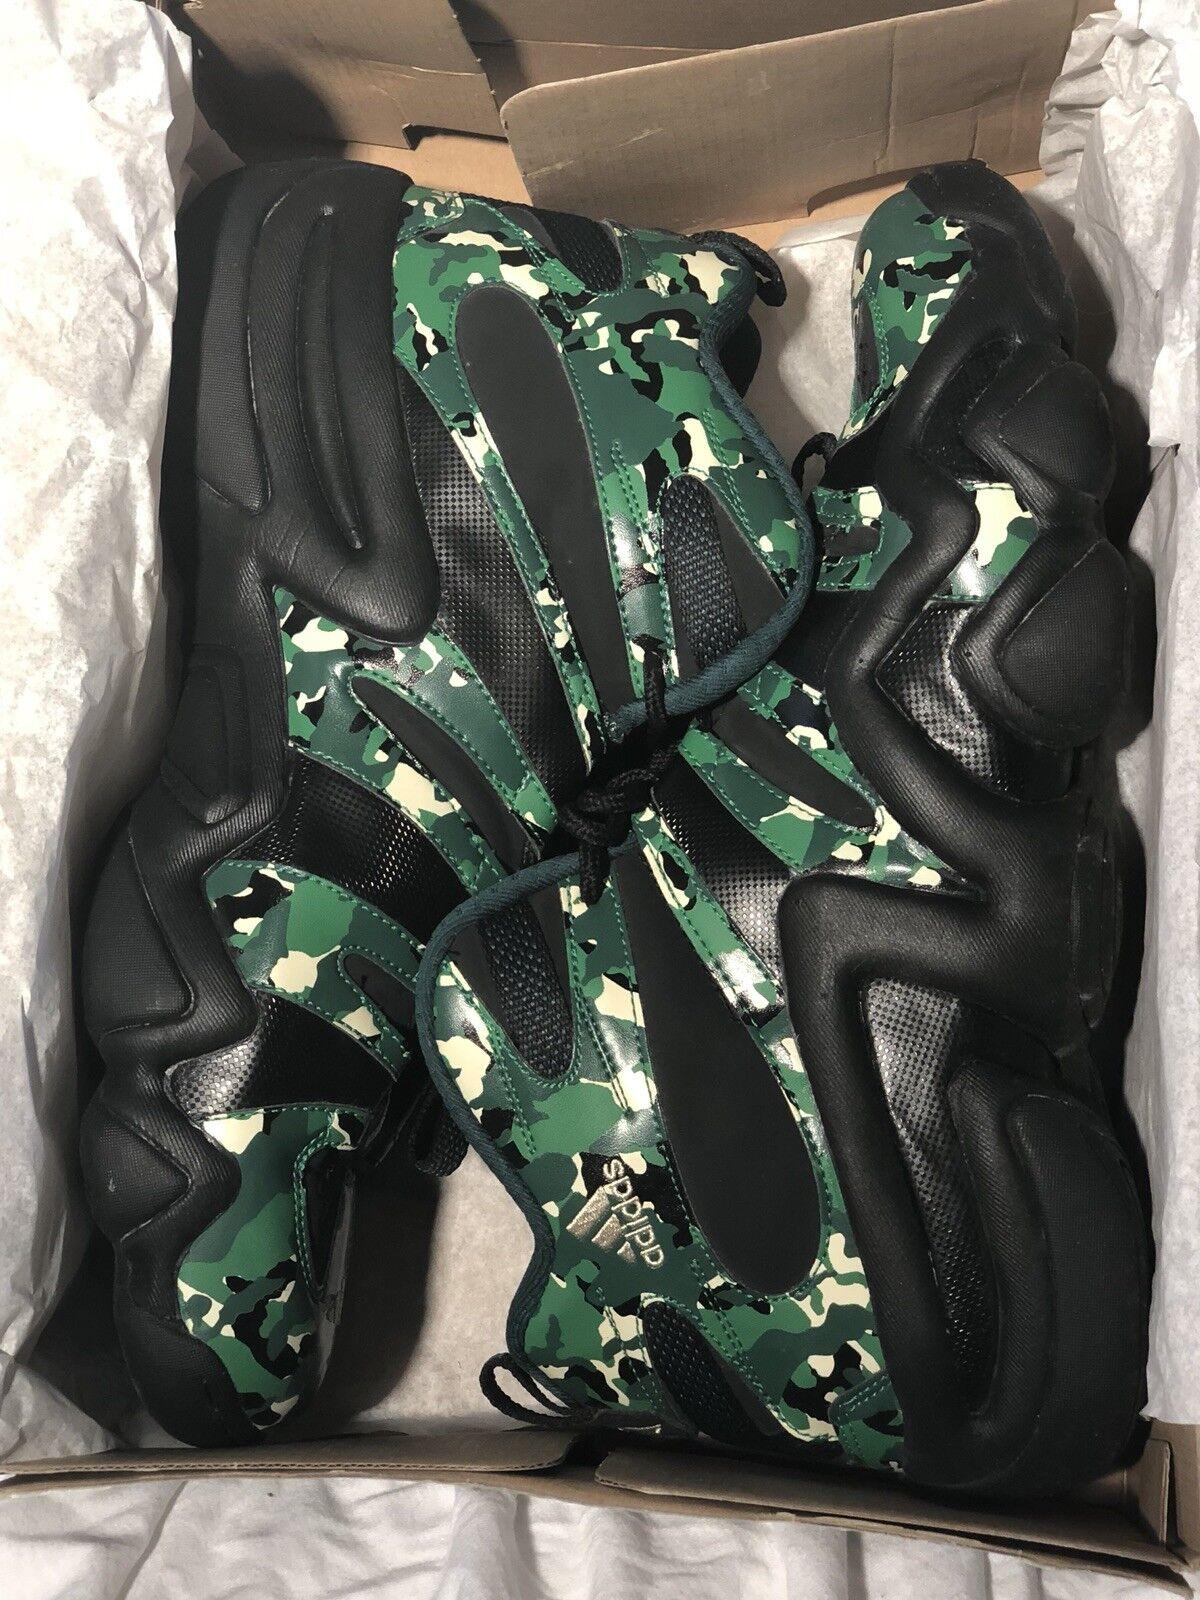 Adidas Kobe Bryant Crazy 8 Size 13 with Box